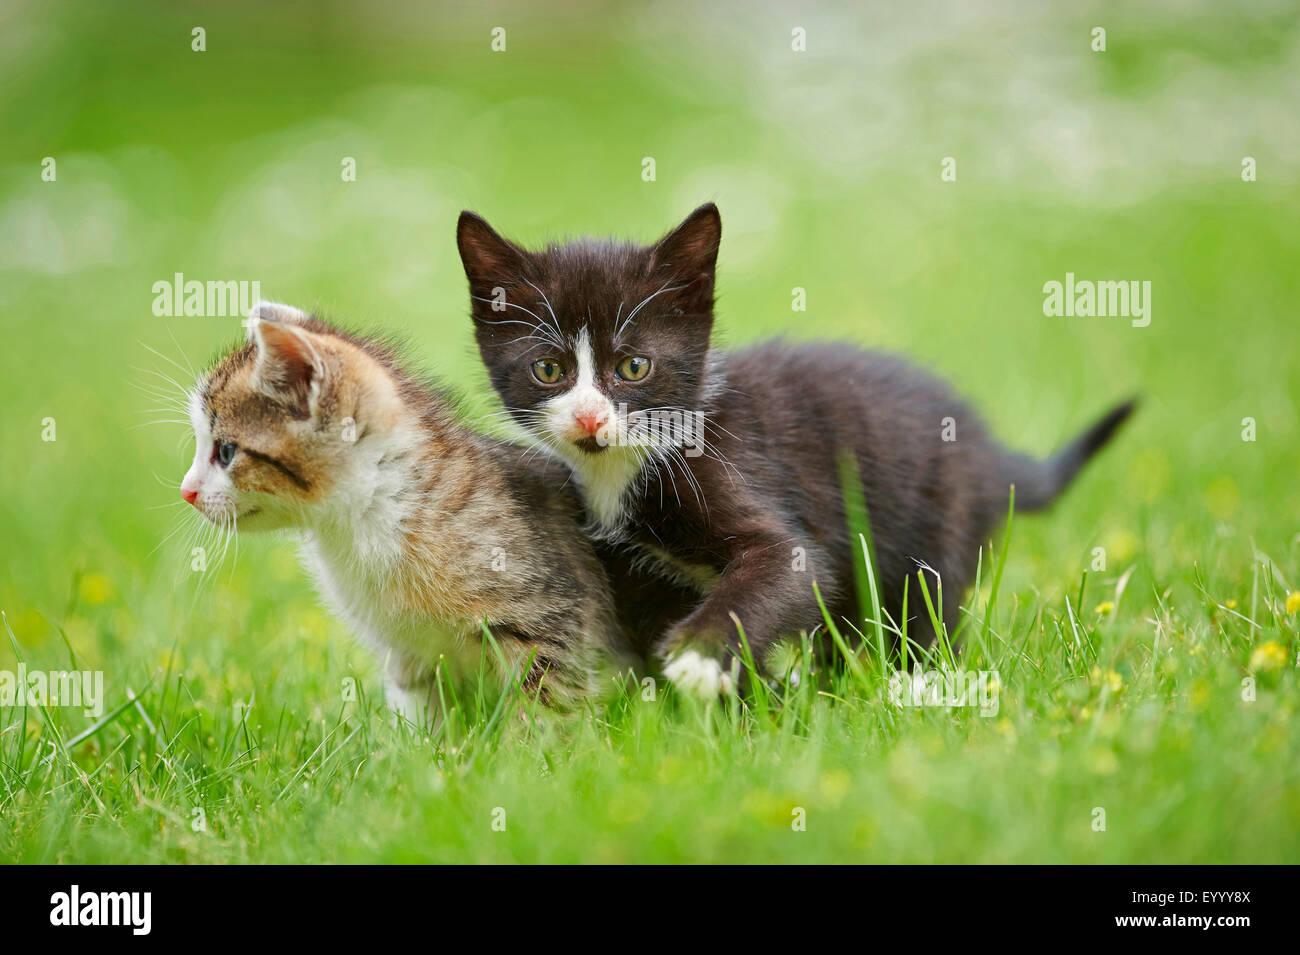 Chat domestique, le chat domestique (Felis silvestris catus), f. deux chatons de six semaines dans un pré, Photo Stock